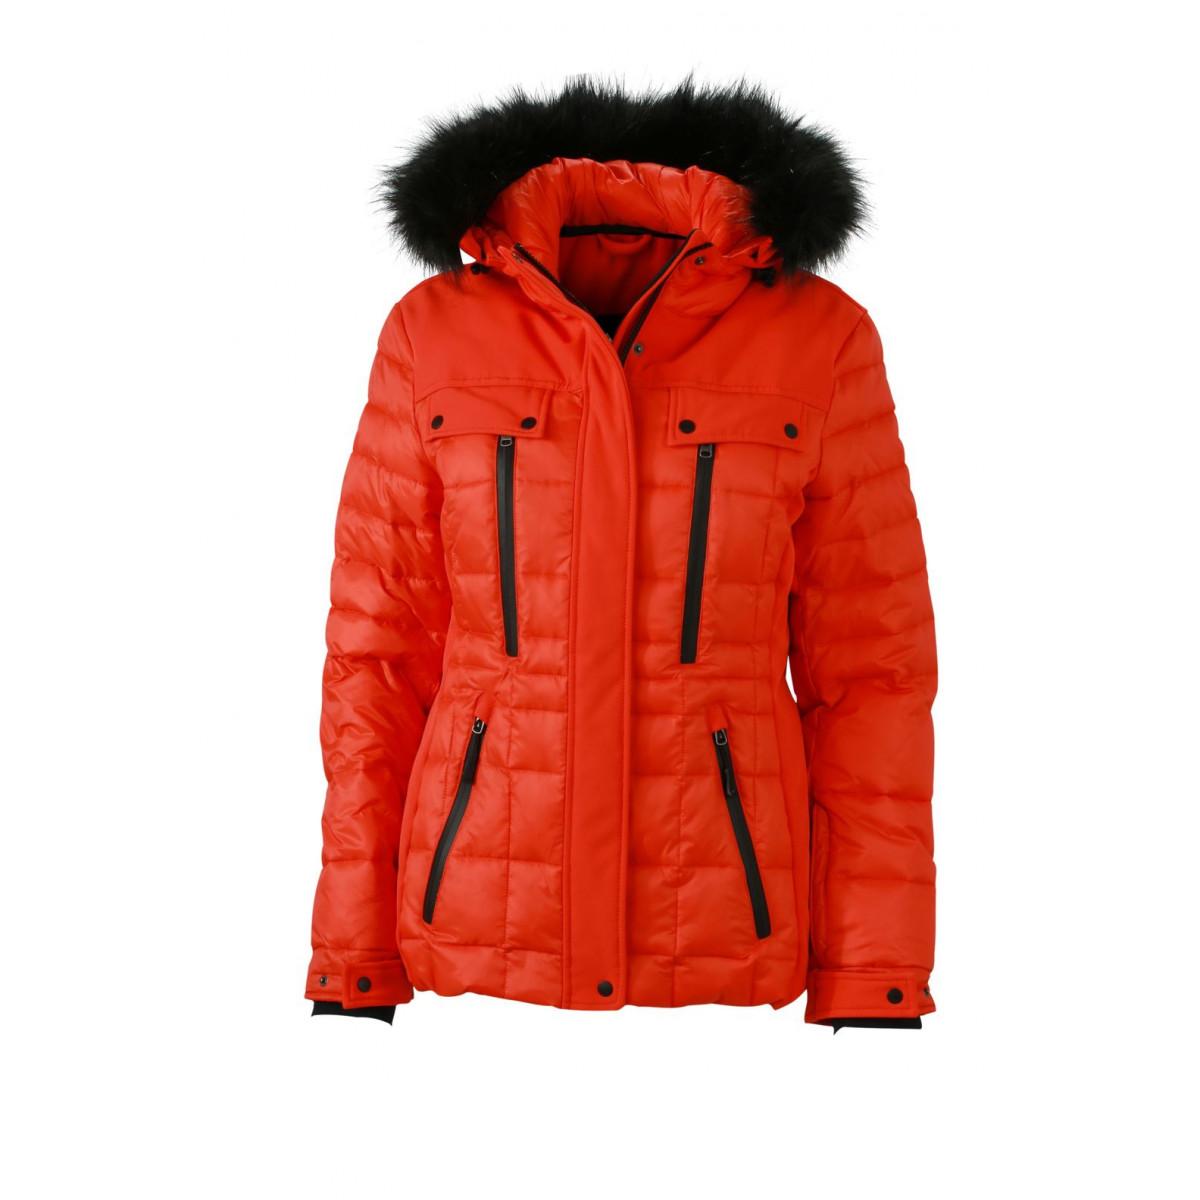 Куртка женская JN1101 Ladies Wintersport Jacket - Ярко-оранжевый/Черный